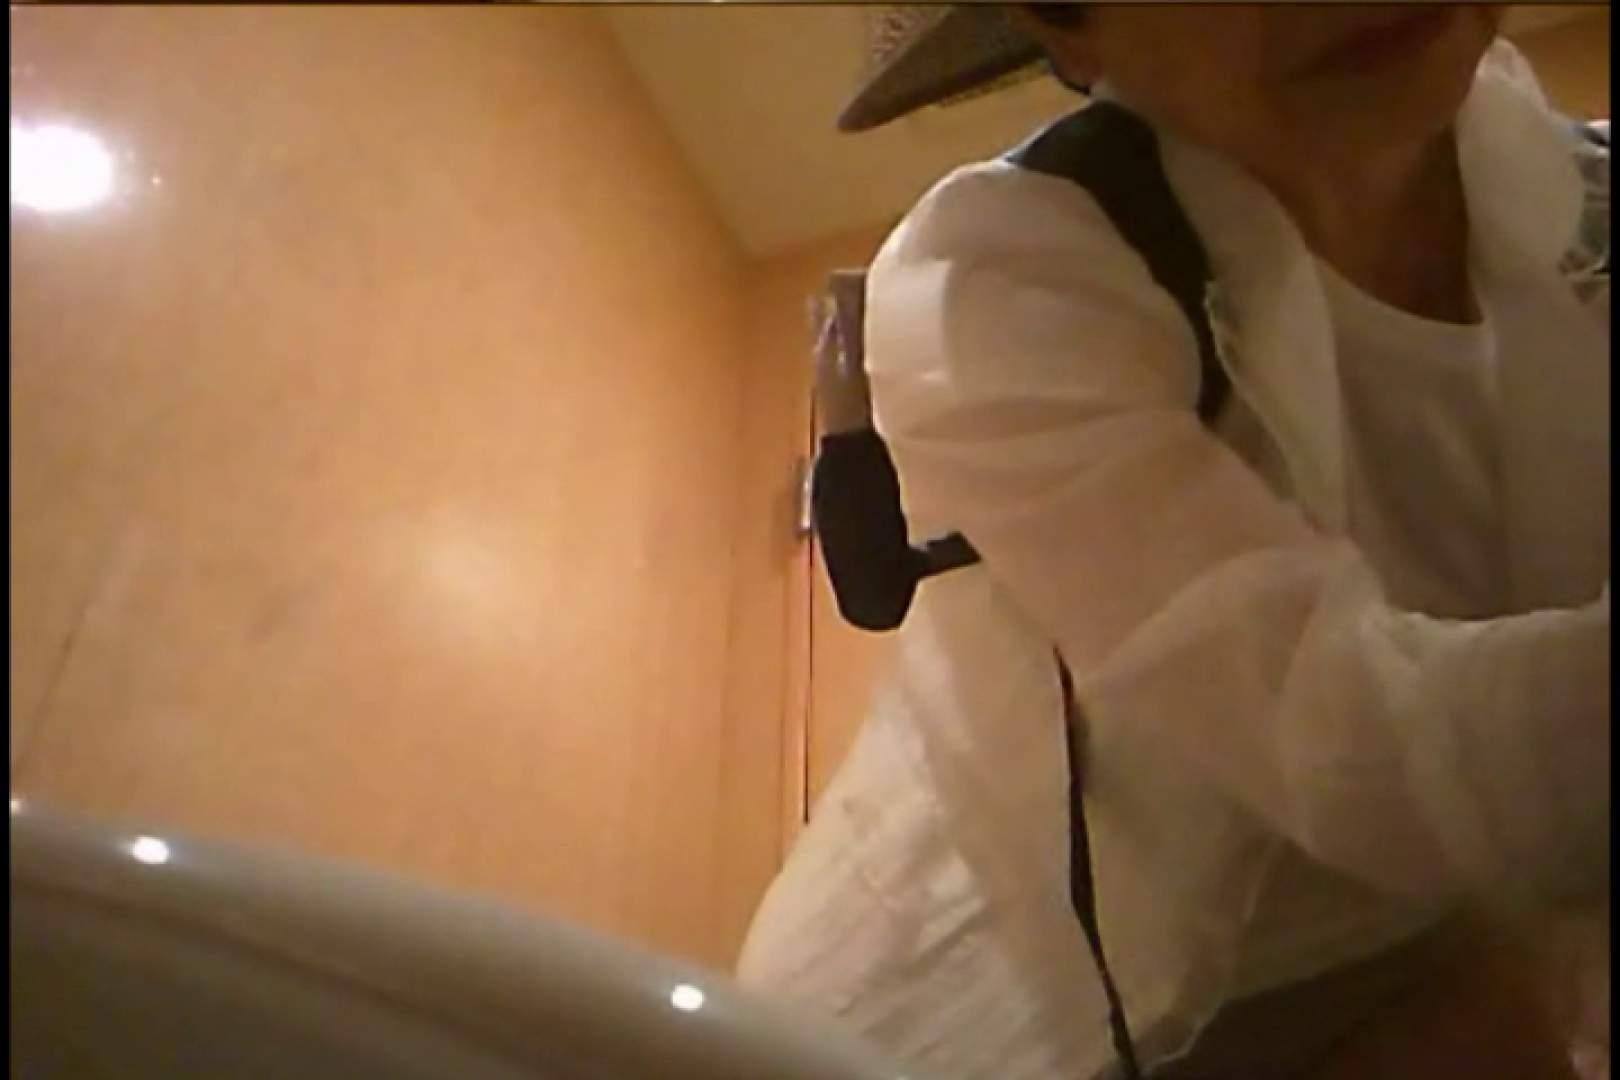 潜入!!女子化粧室盗撮~絶対見られたくない時間~vo,127 お尻 | 熟女のエロ動画  110PIX 66